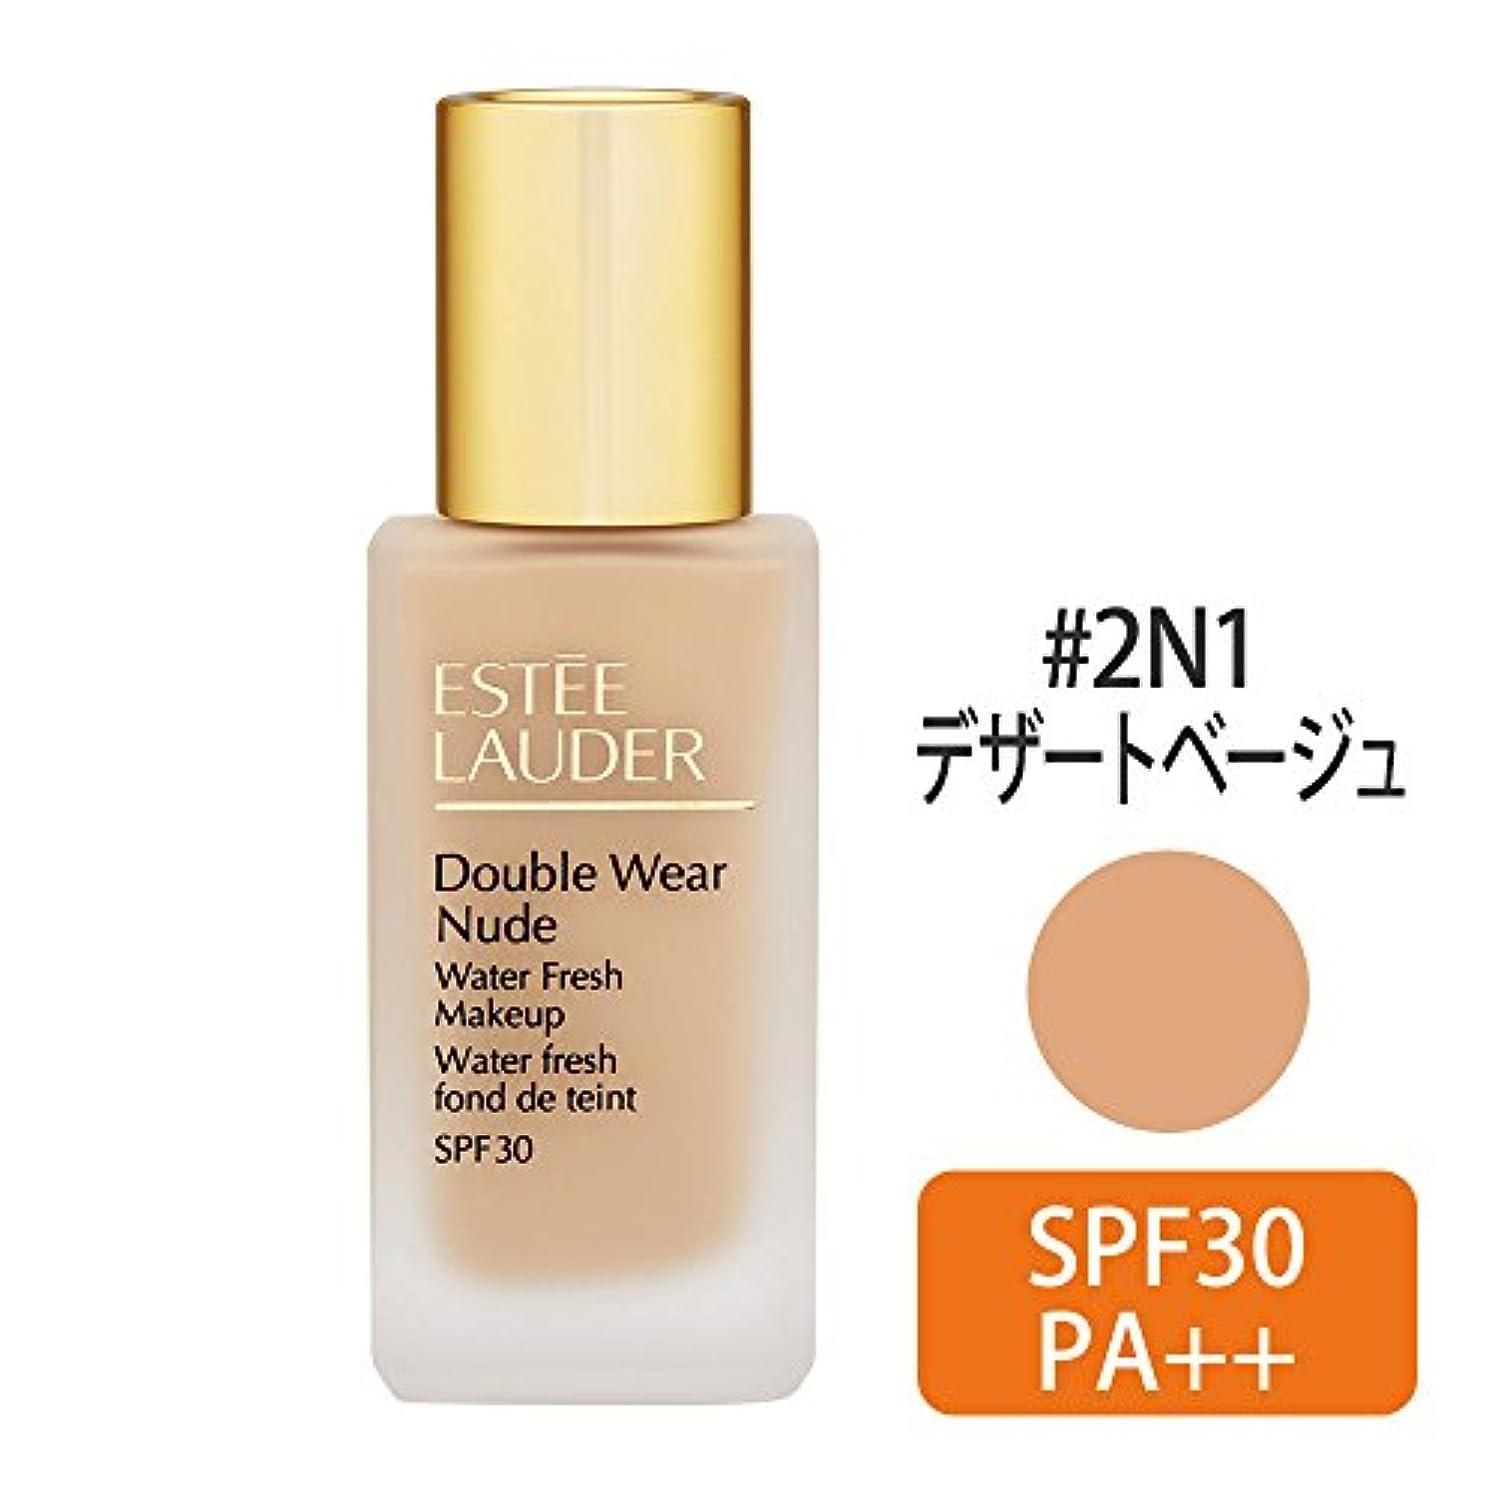 いまプロトタイプレッドデートエスティローダー(Estee Lauder) ダブルウェア ヌードウォーター フレッシュ メイクアップ SPF30/PA++ #2N1(デザートベージュ) [並行輸入品]